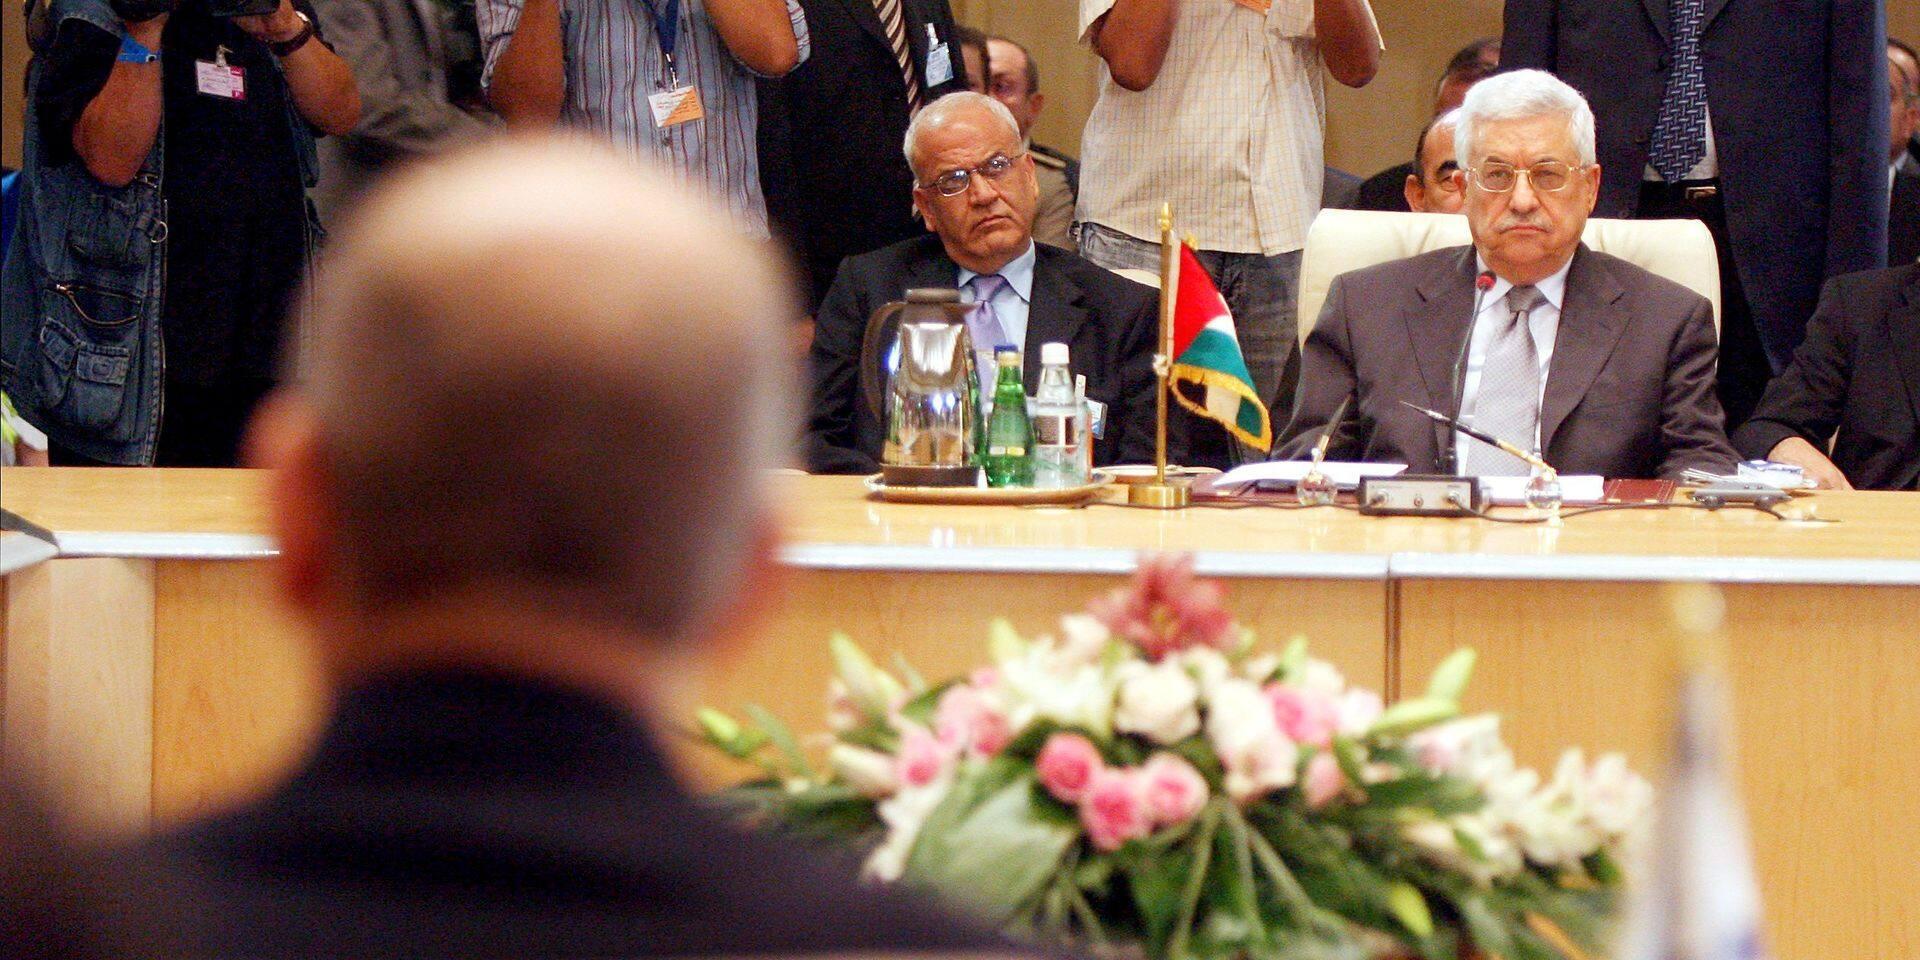 Saeb Erakat (gauche) lors d'une rencontre avec Mahmoud Abbas (droite) et Ehud Olmert.